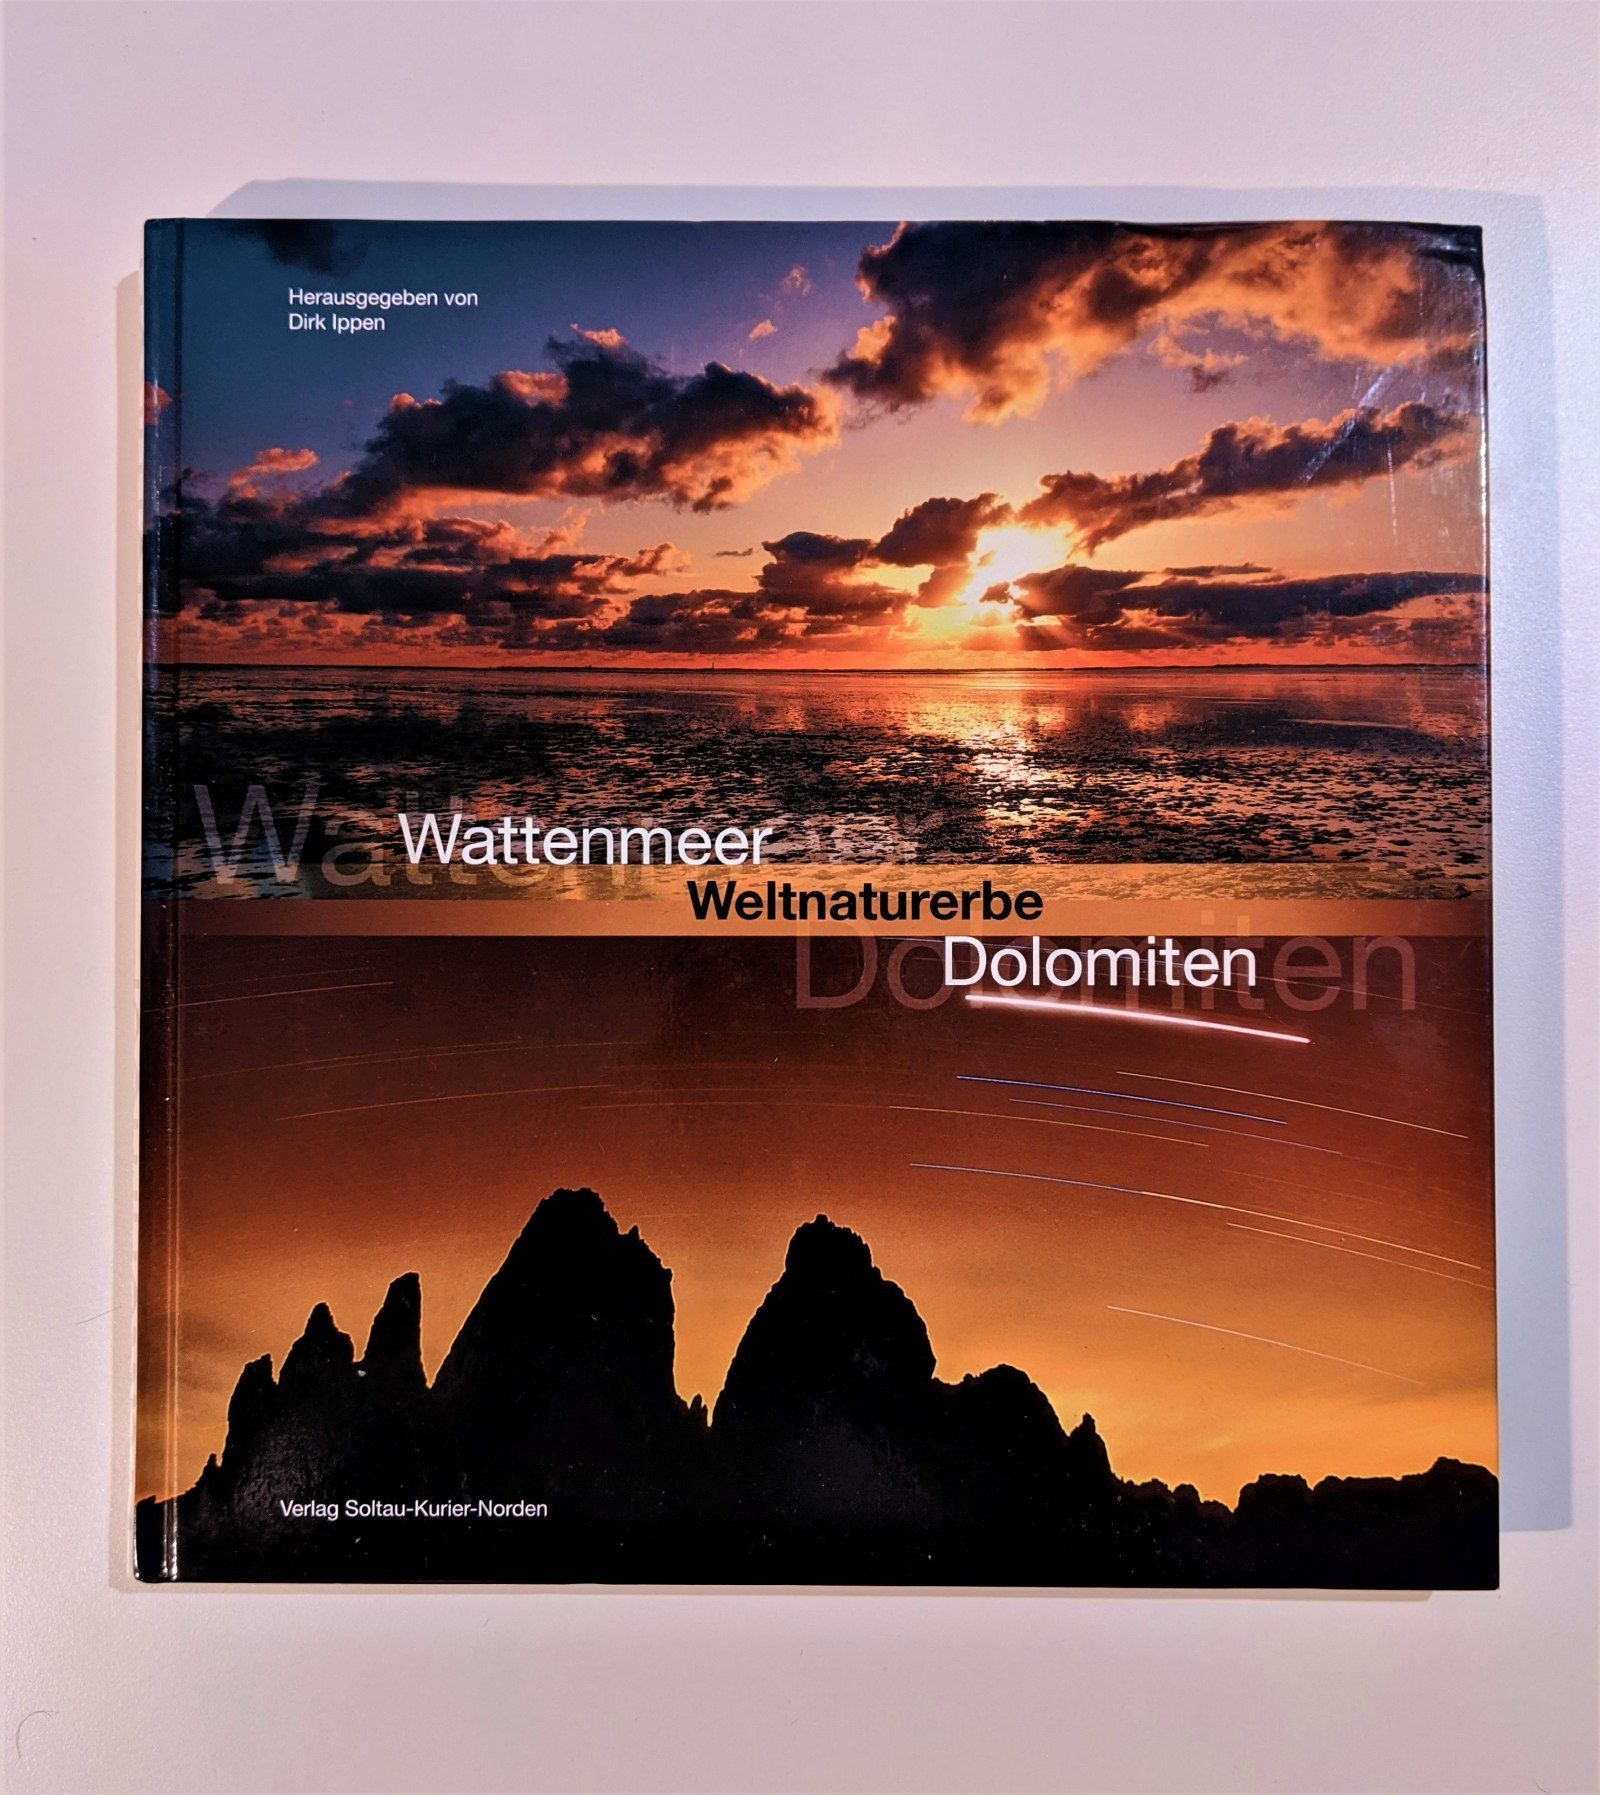 Wattenmeer - Weltnaturerbe - Dolomiten - Ippen, Dirk (Mitwirkender) und Martin (Mitwirkender) Stromann